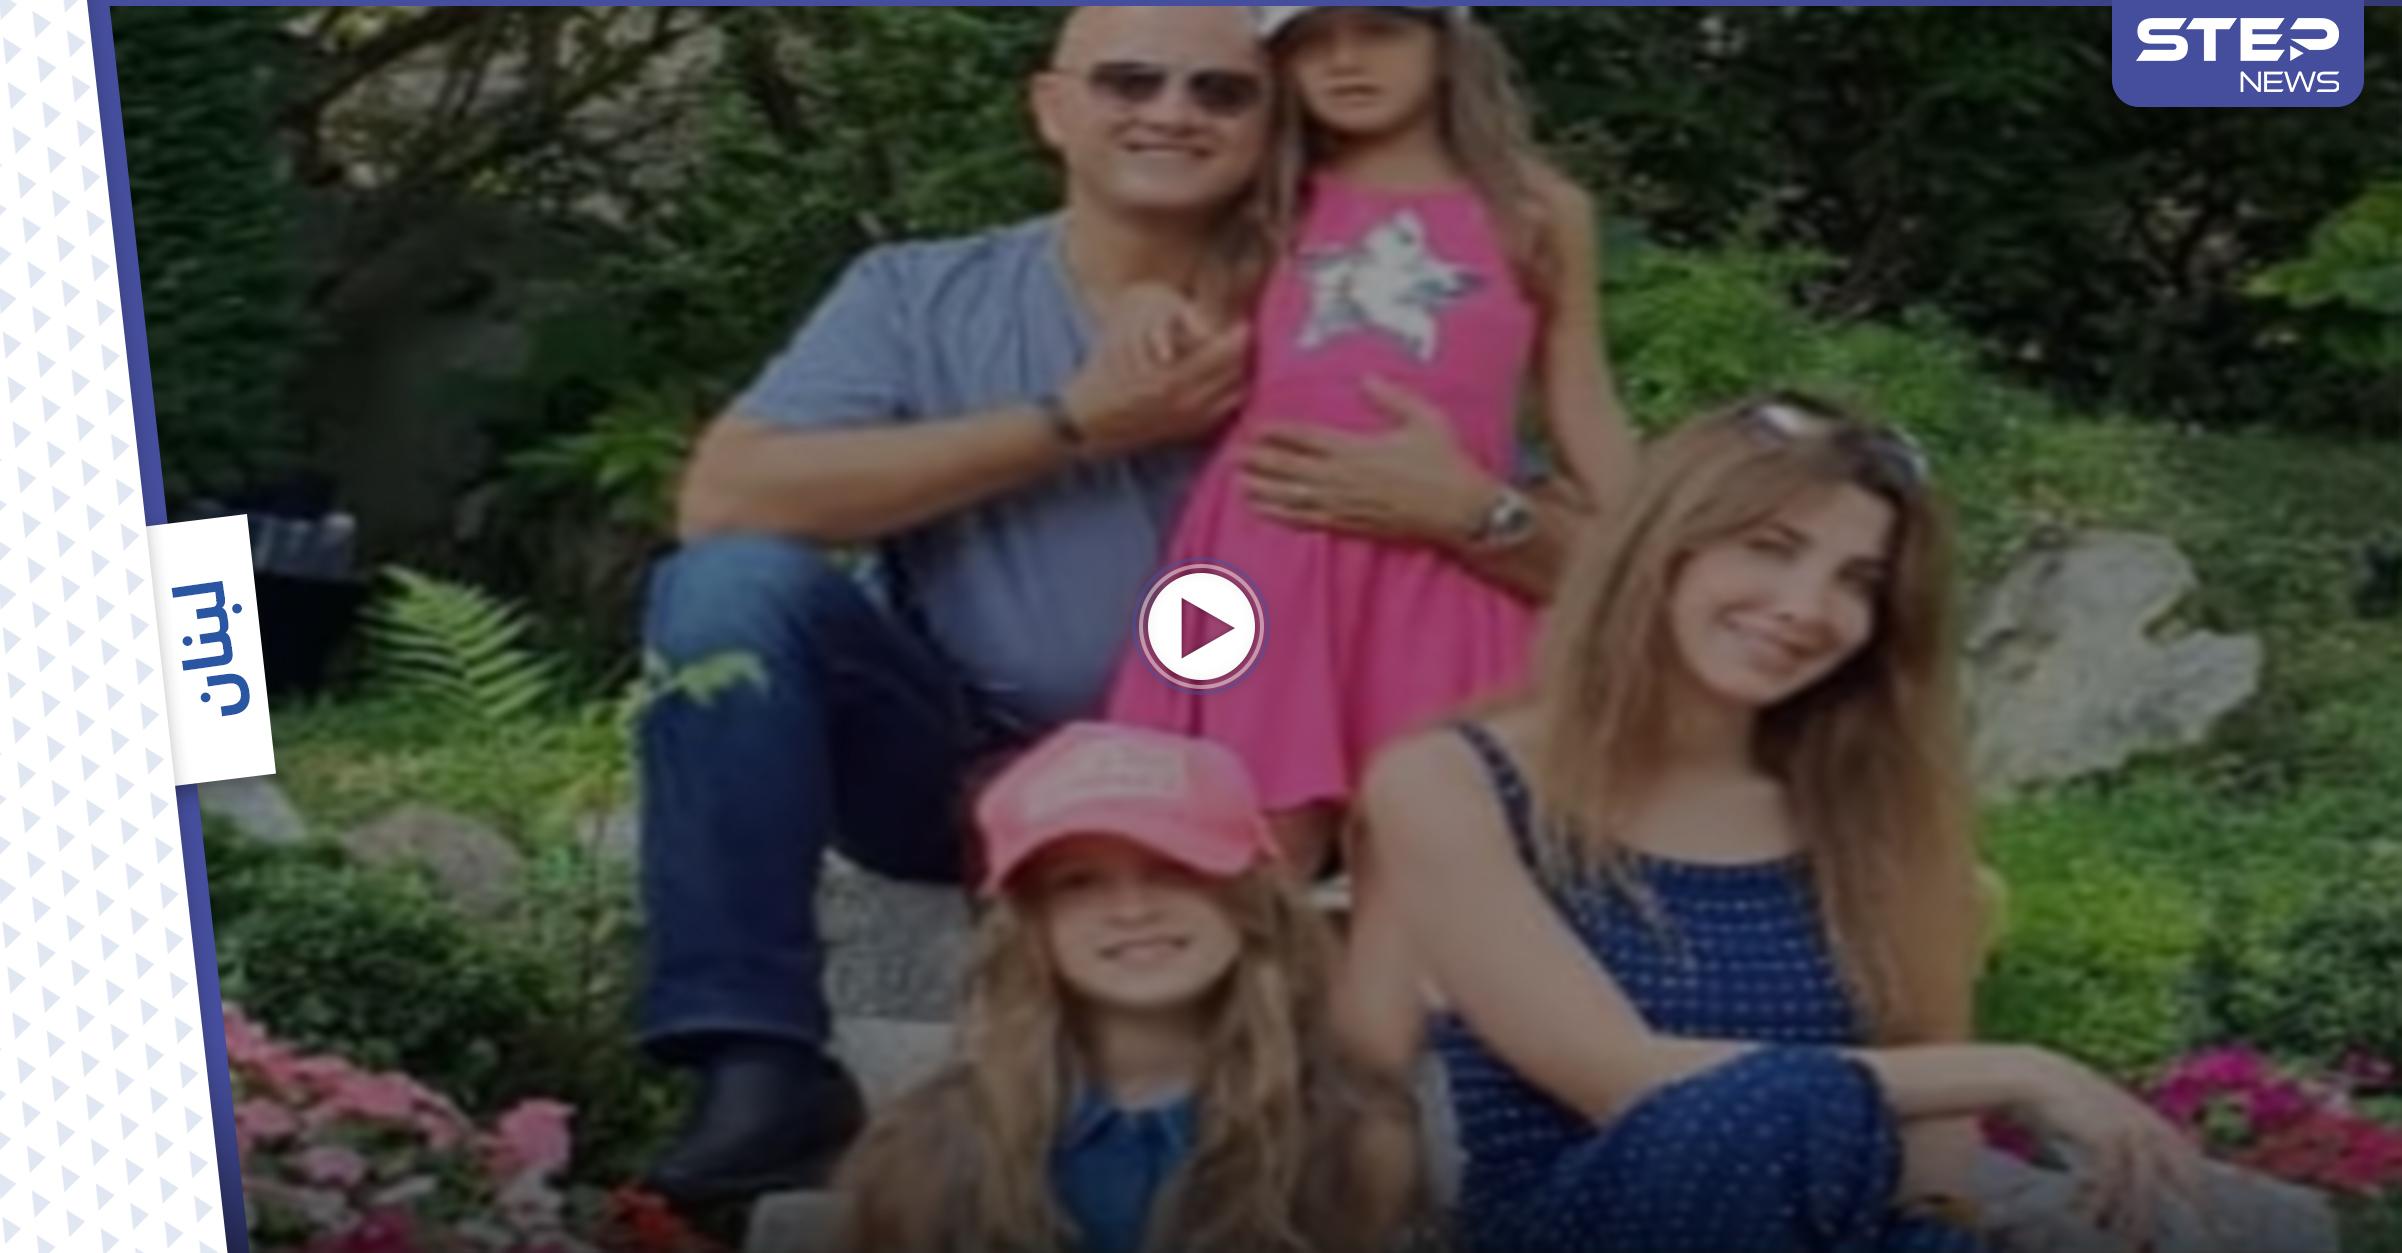 قضية مقتل الشاب السوري بفيلا نانسي عجرم تعود للواجهة وتطورات هامة وجديدة فيها (فيديو)